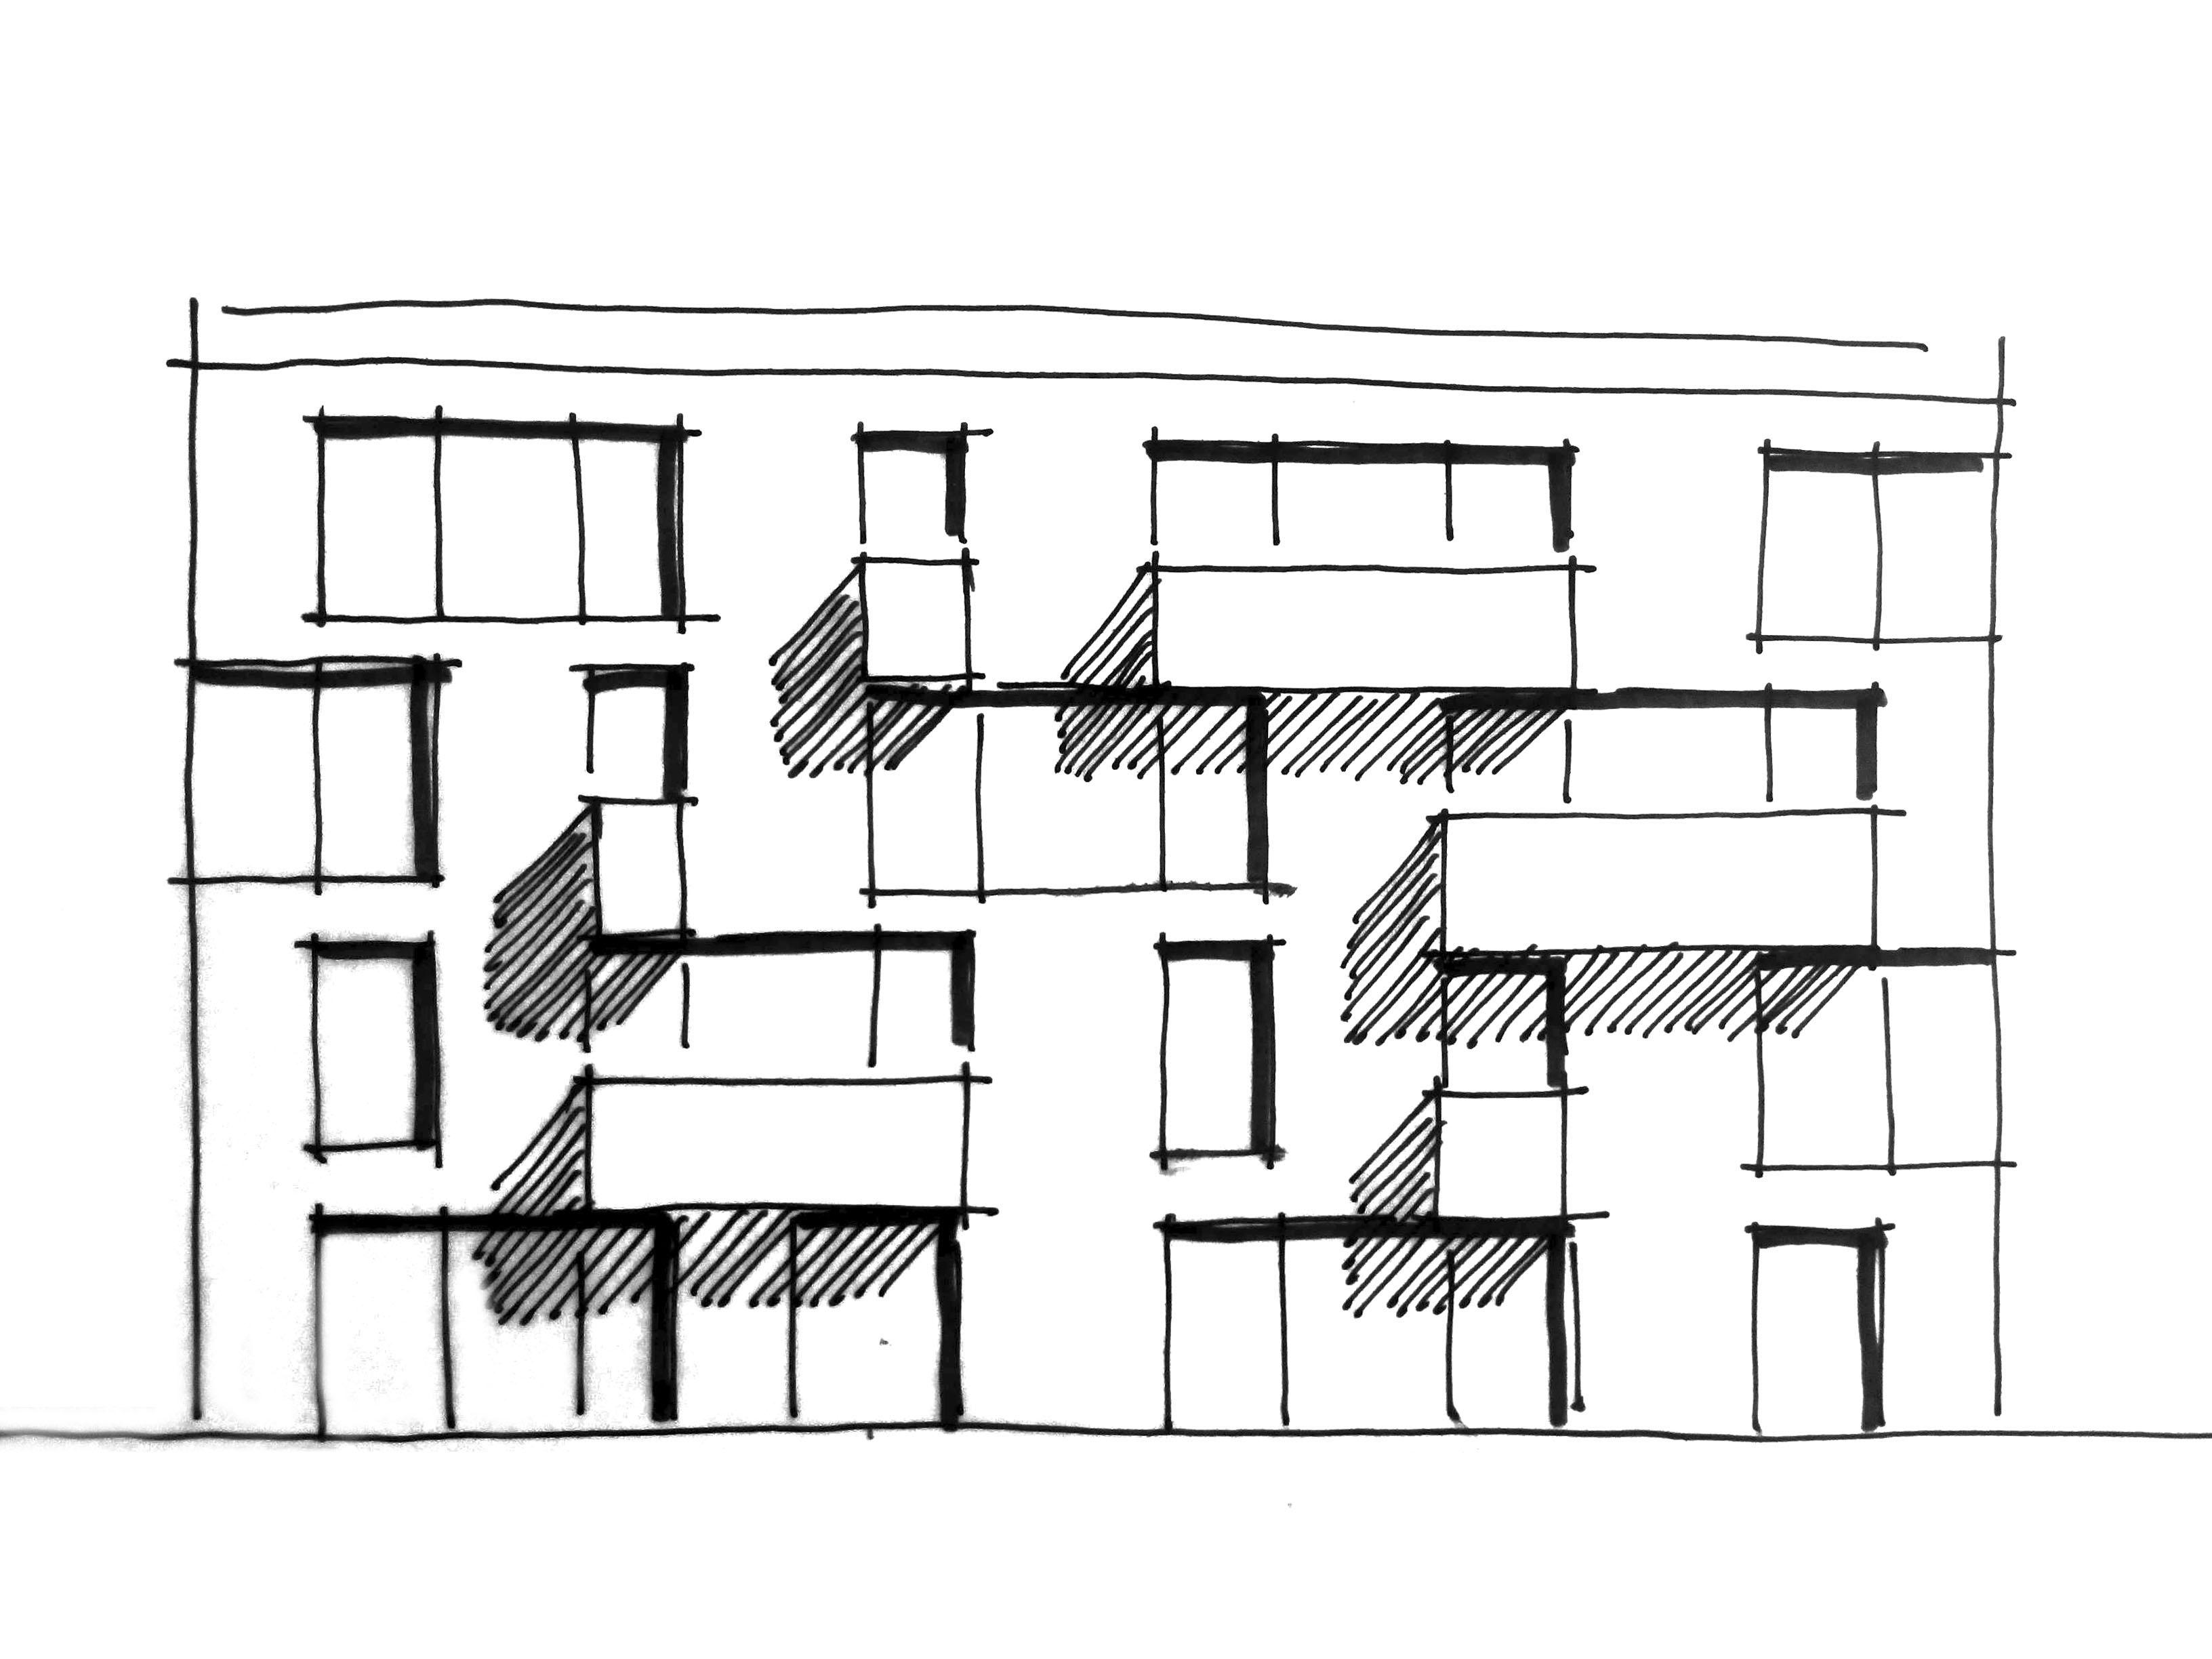 sketch evaluation SEHW Architektur}